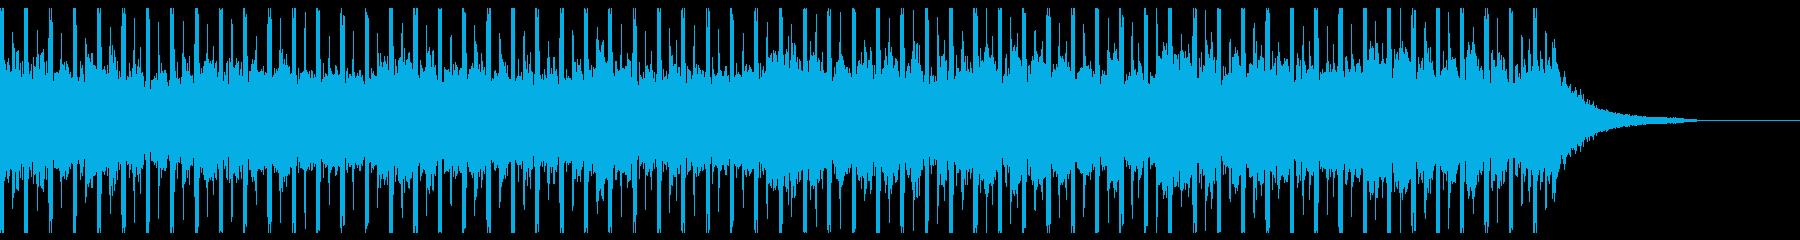 テクノロジーコーポレート(短)の再生済みの波形